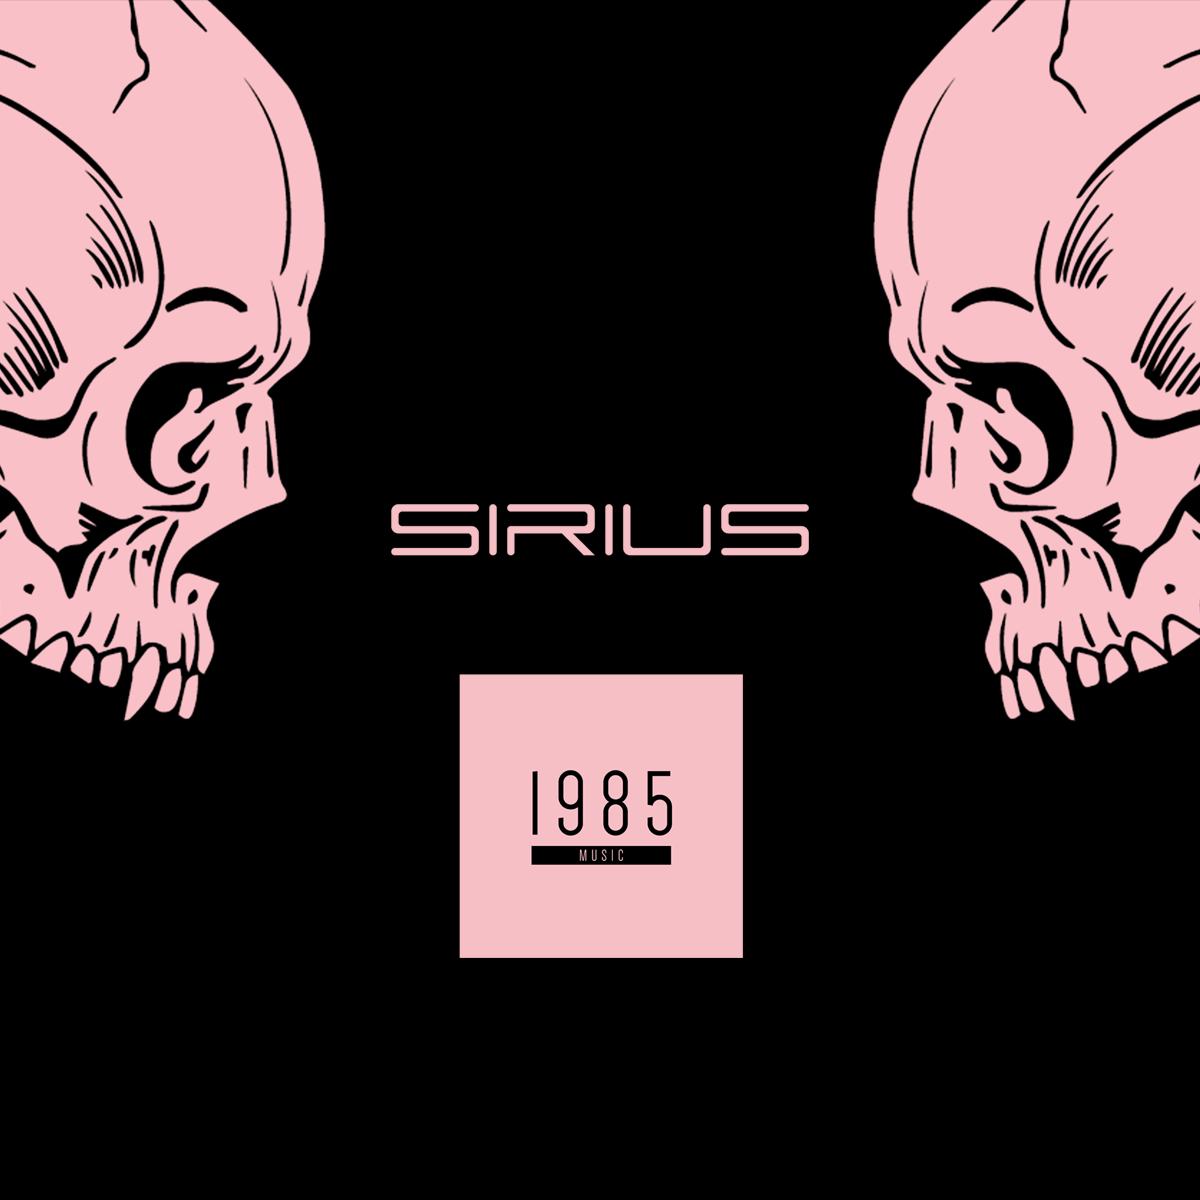 Die Tiefklang bringt Saarbrücken auf fremde Planeten: mit Sirius